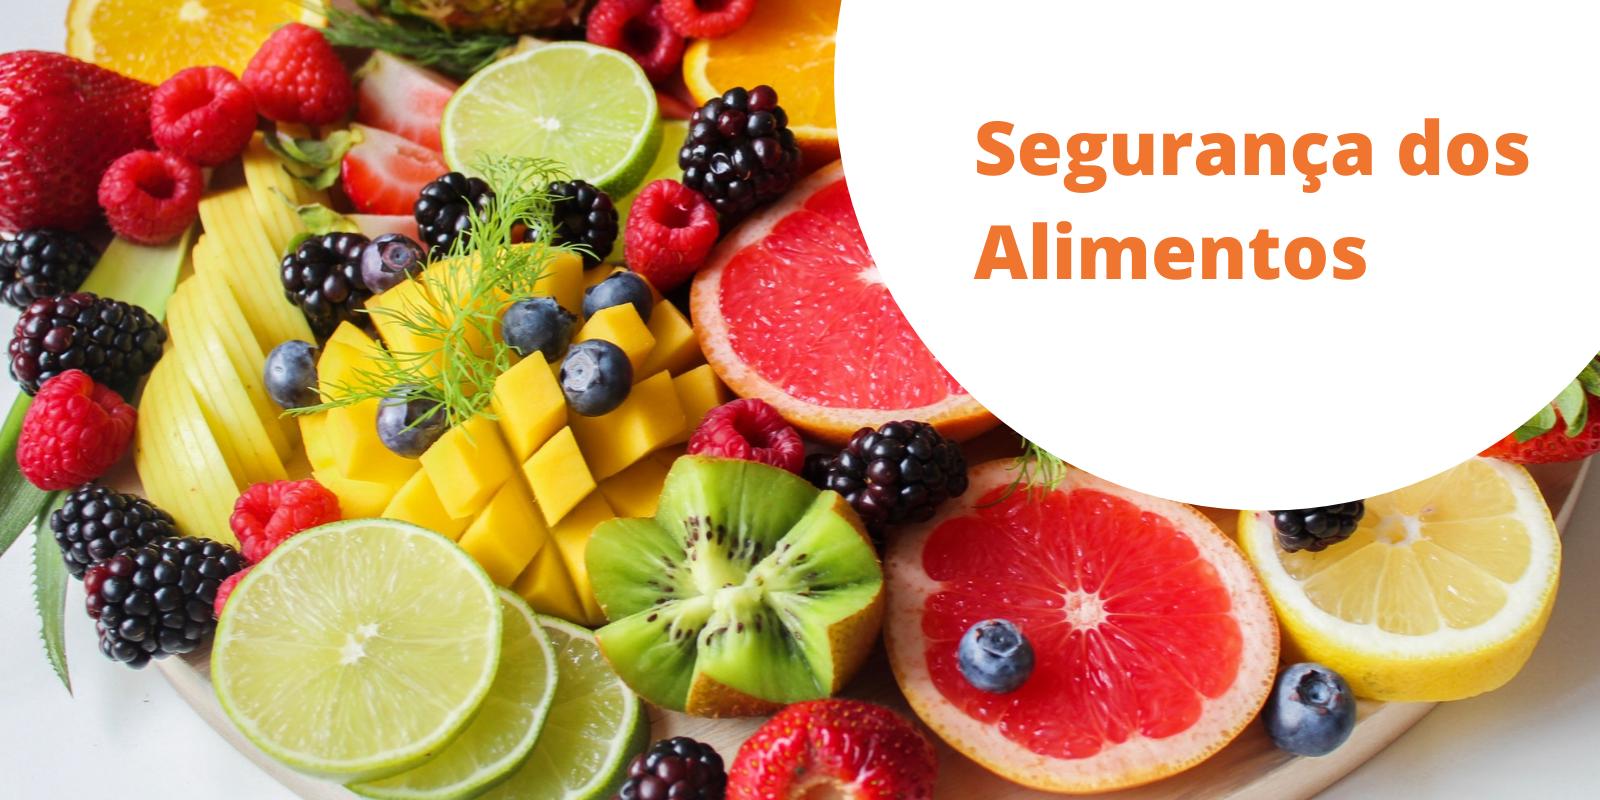 Imagem: Artigo: Você sabe o que é segurança dos alimentos?